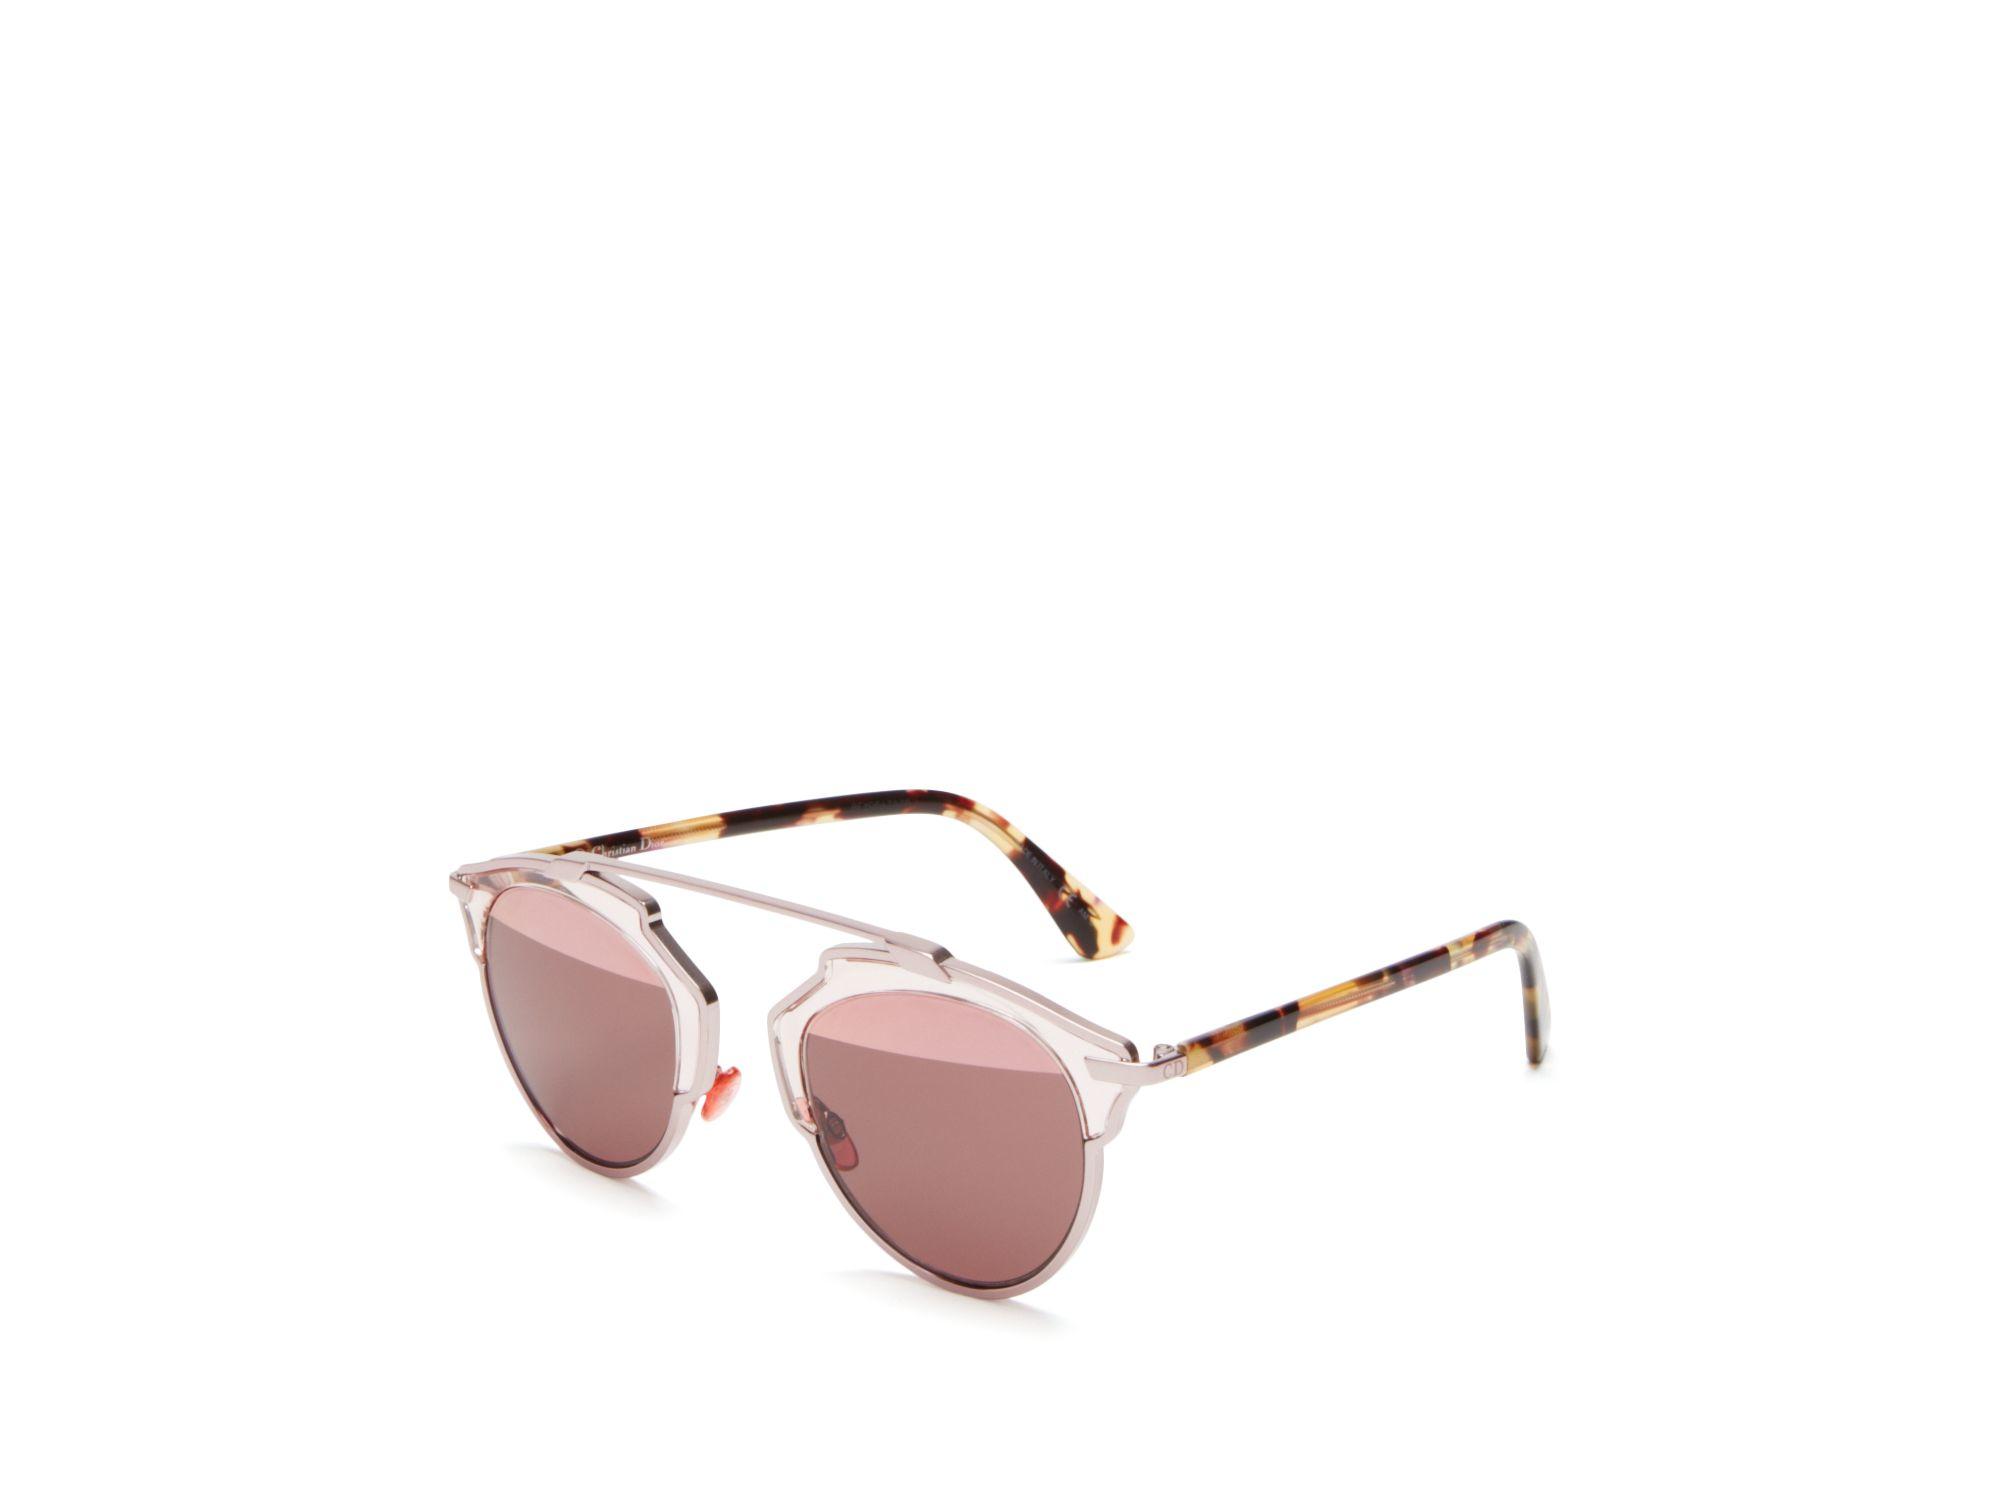 535c411b3fe dior pink sunglasses